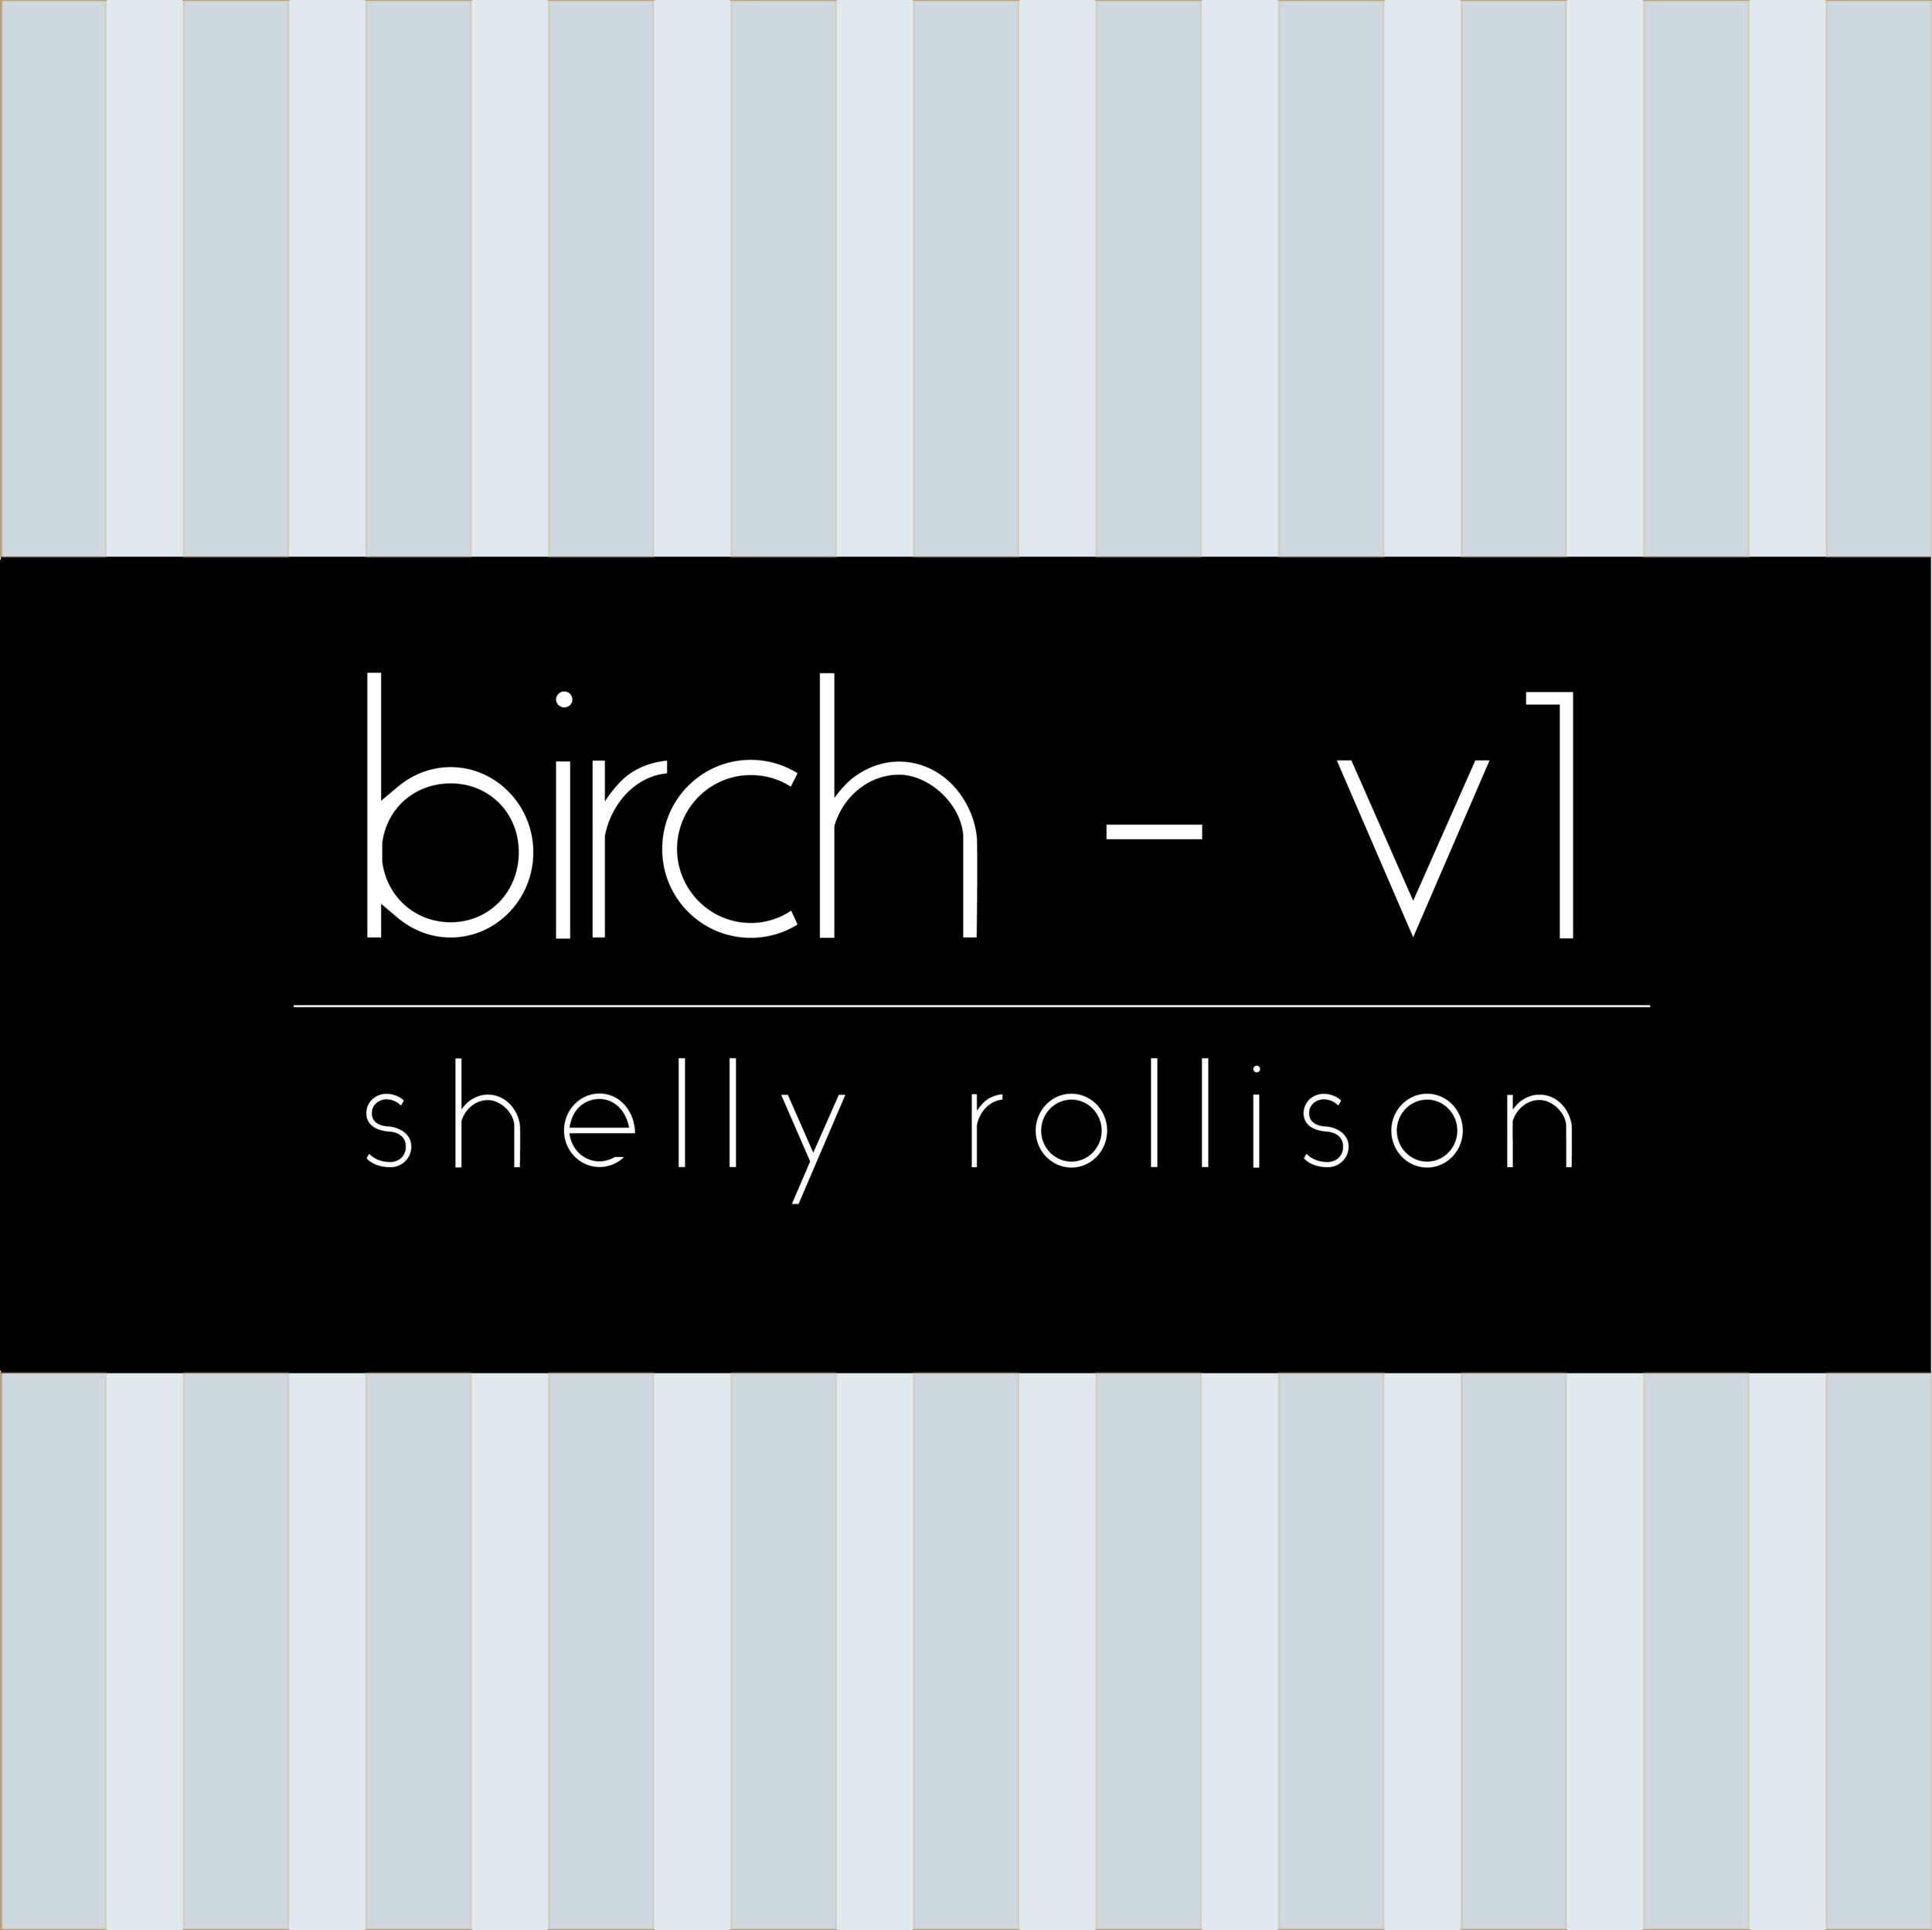 birch - v1 - Album Art.png